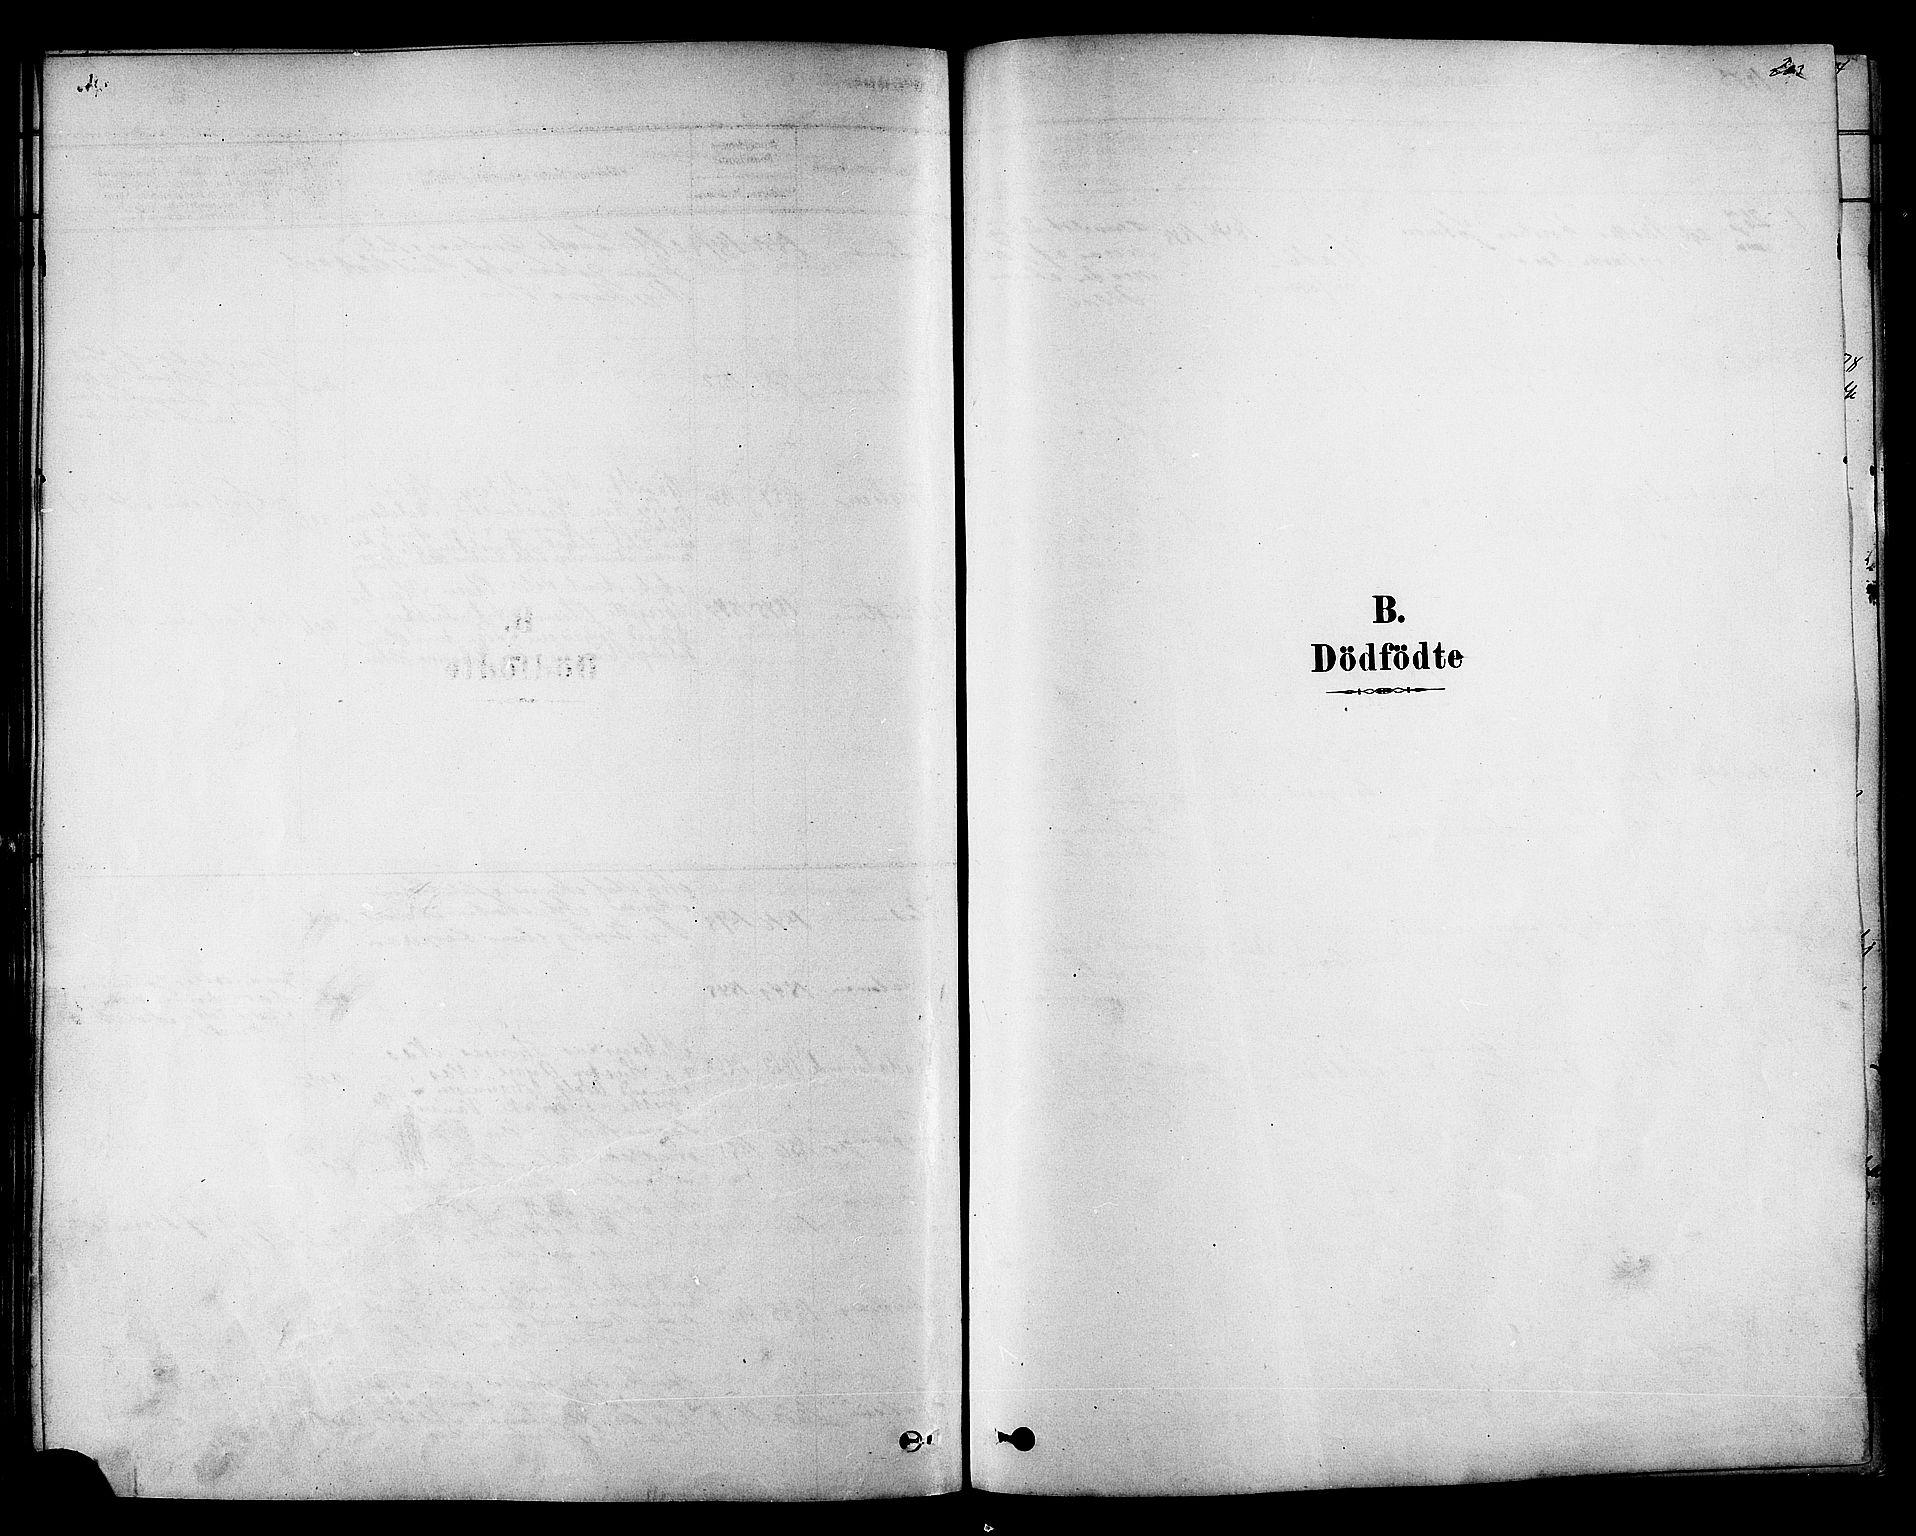 SAT, Ministerialprotokoller, klokkerbøker og fødselsregistre - Sør-Trøndelag, 606/L0294: Ministerialbok nr. 606A09, 1878-1886, s. 203